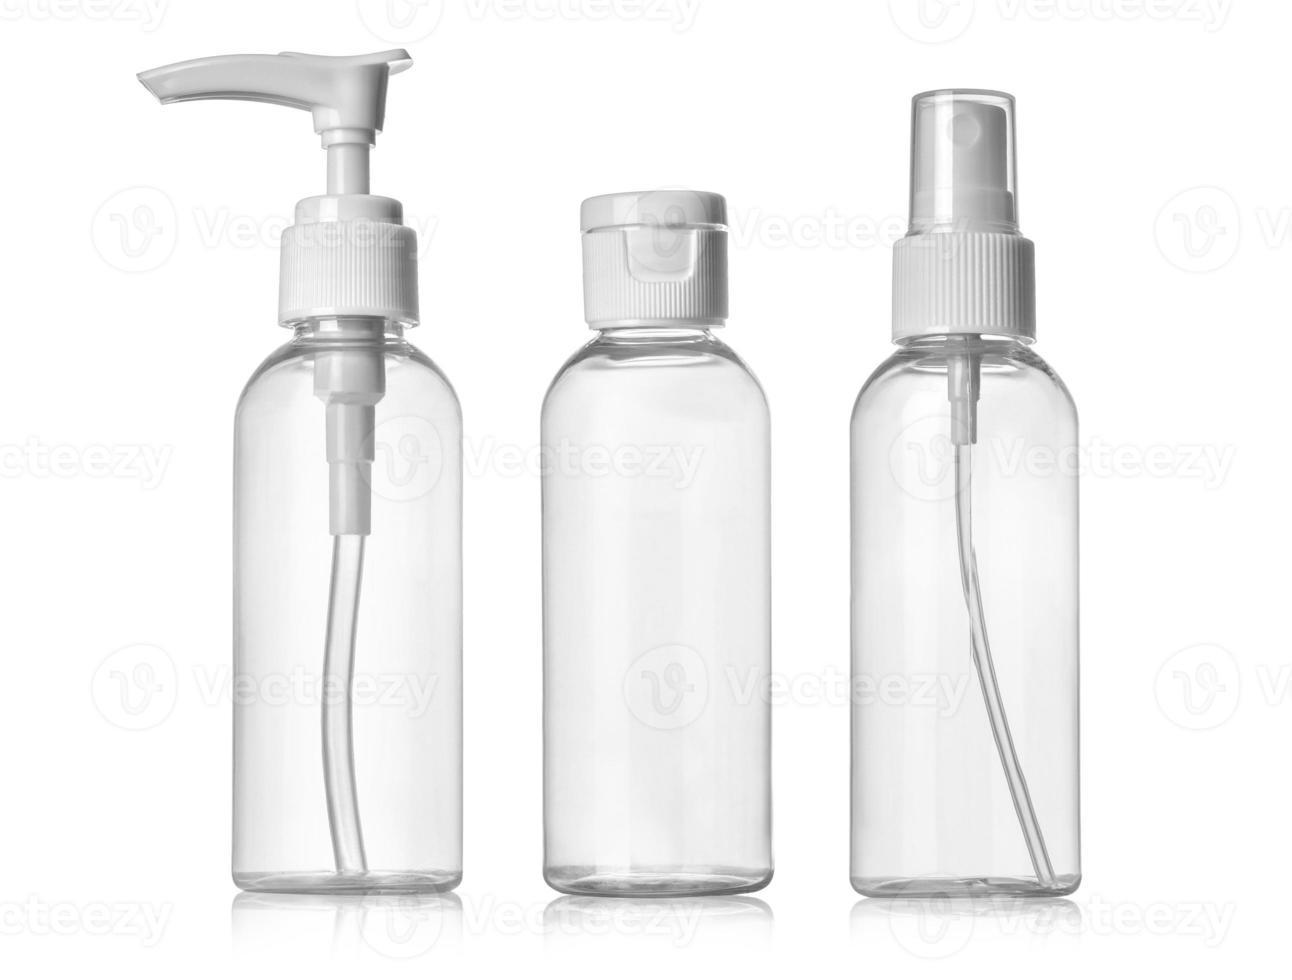 trois bouteilles vierges photo